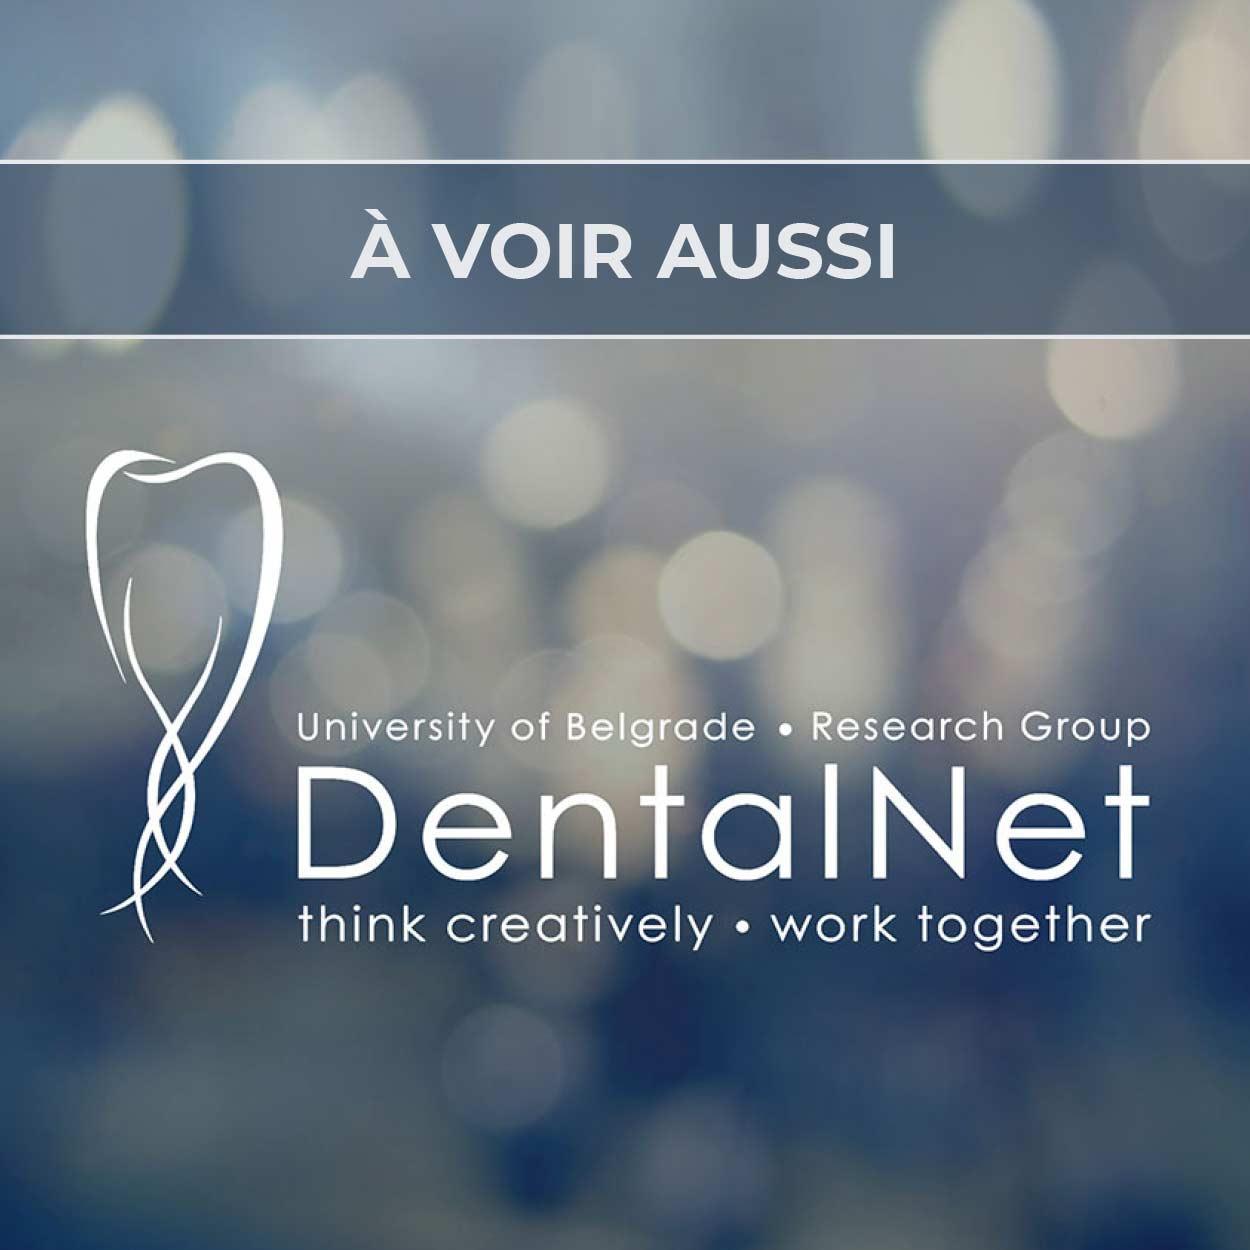 Renvoi au projet de logo pour le groupe de recherche médicale DentalNet à Belgrade